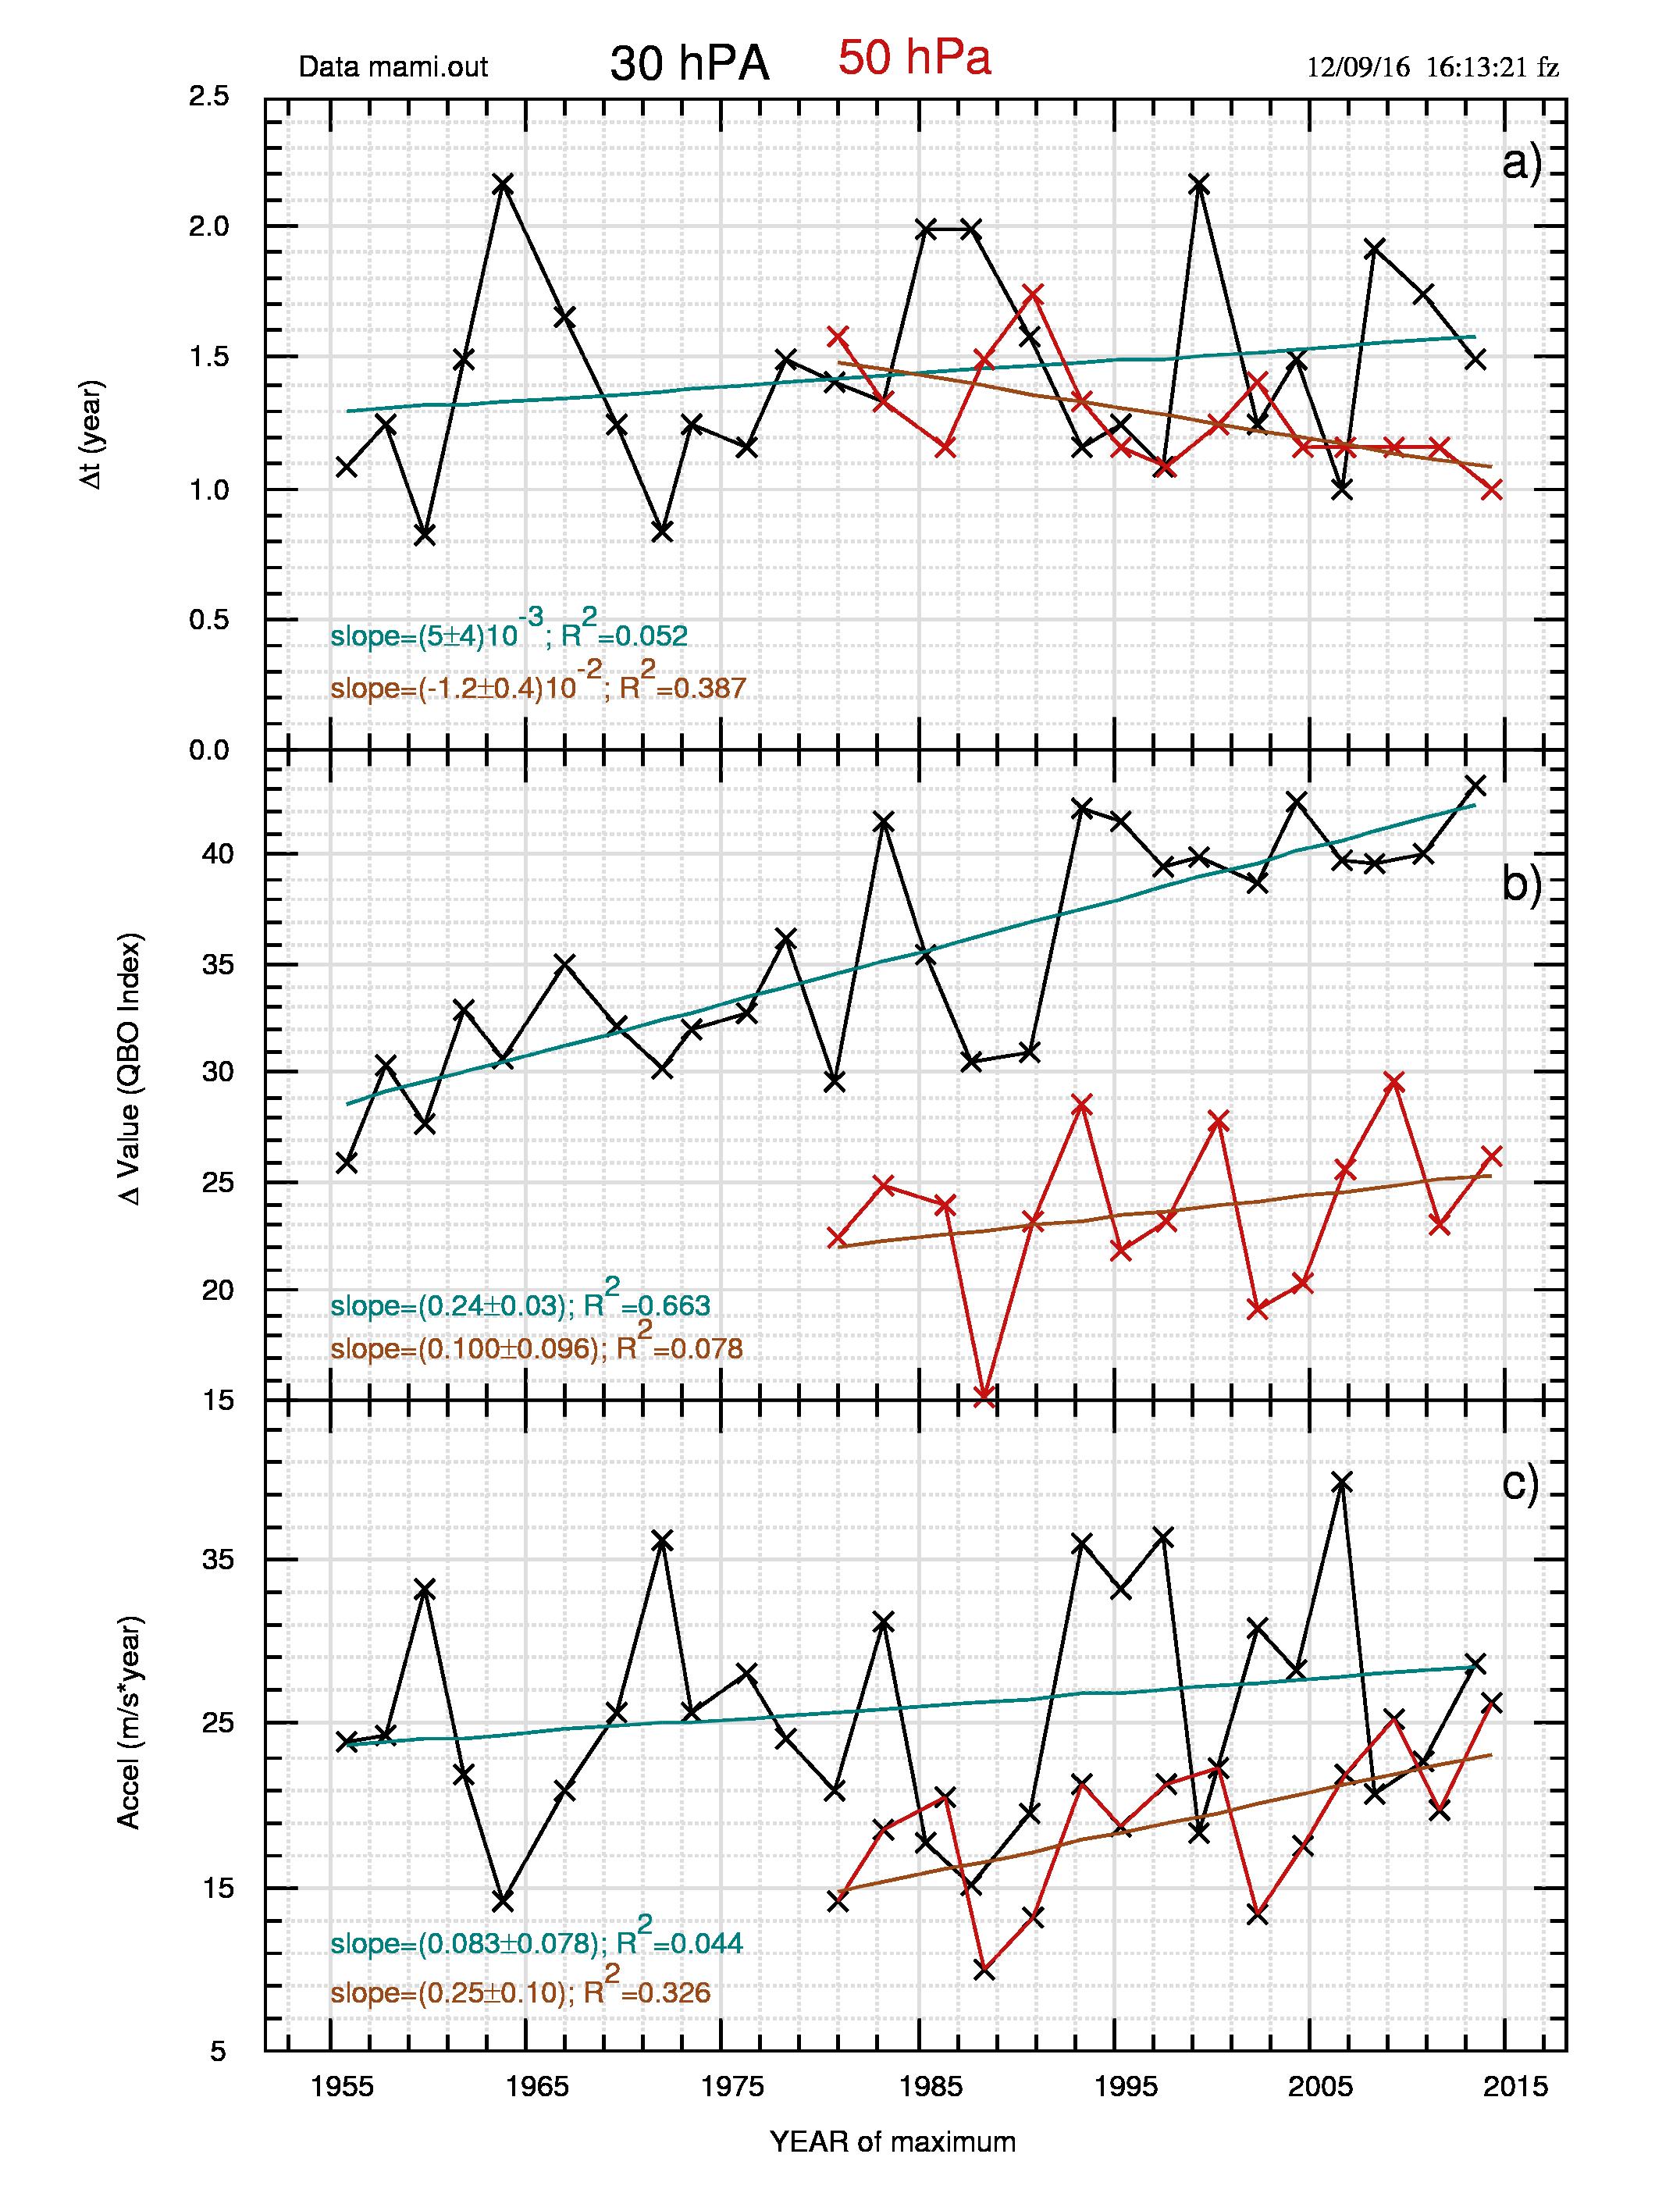 Fig.6: Variazione di a) tempo trascorso tra massimo e minimo successivo; b) QBO massimo - QBO minimo; c) rapporto b)/a).